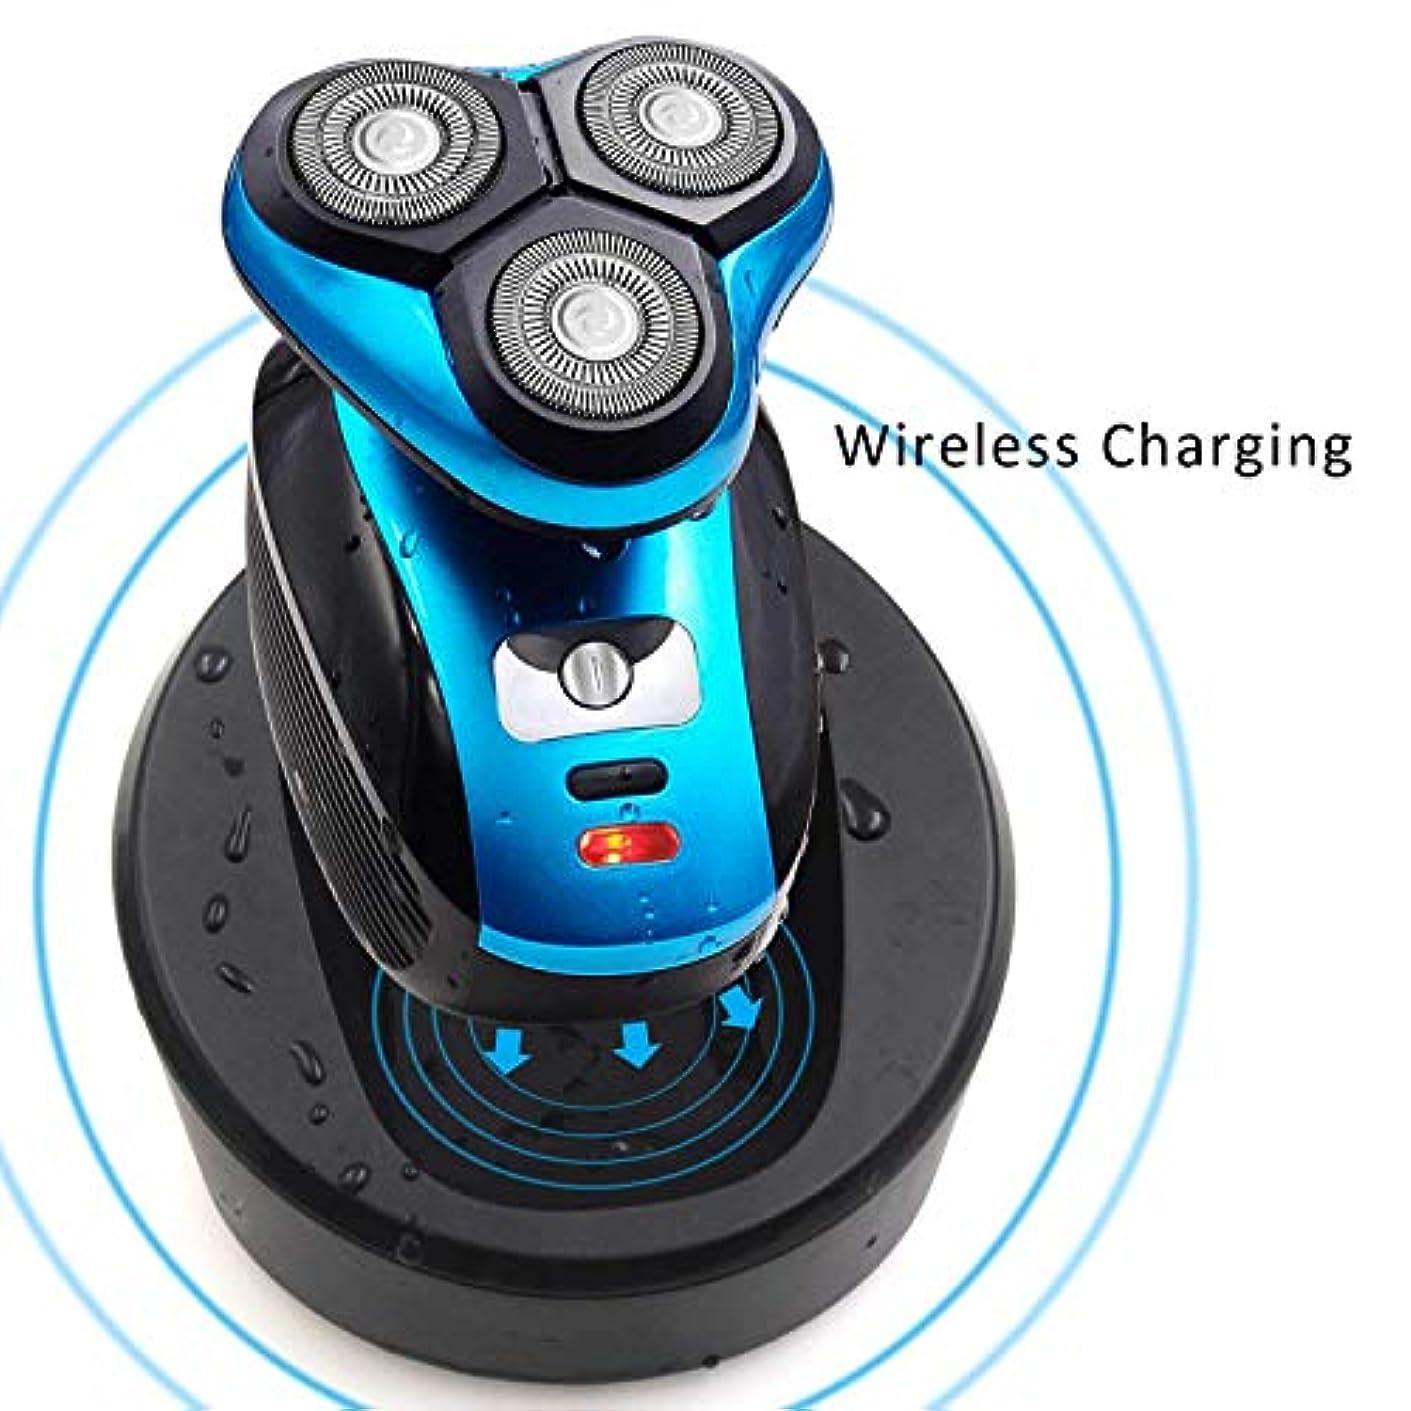 嵐のどうやってマーク電気かみそりの人、ひげをそるシェーバーIPX 7充電スタンド付きクレンジングブラシ/ひげ/鼻トリマー付き充電式乾式か乾式かみそりメンズロータリーシェーバーUSB 3 Dワイヤレス充電式